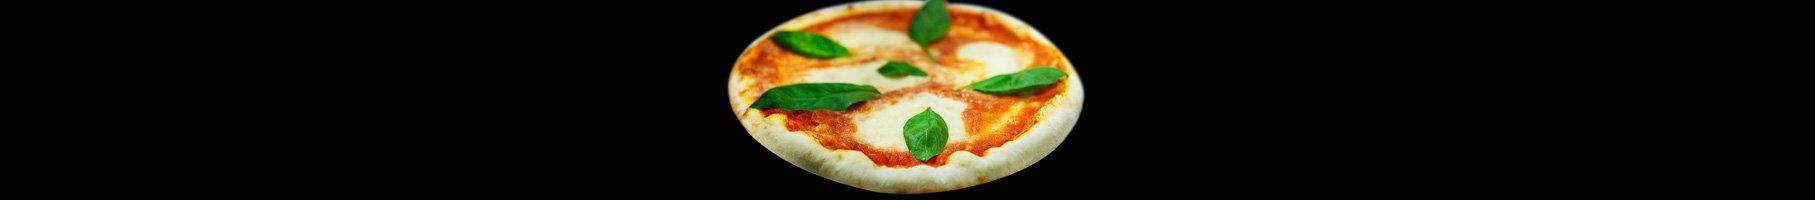 Faixa-1815pxx200_Pizza.jpg